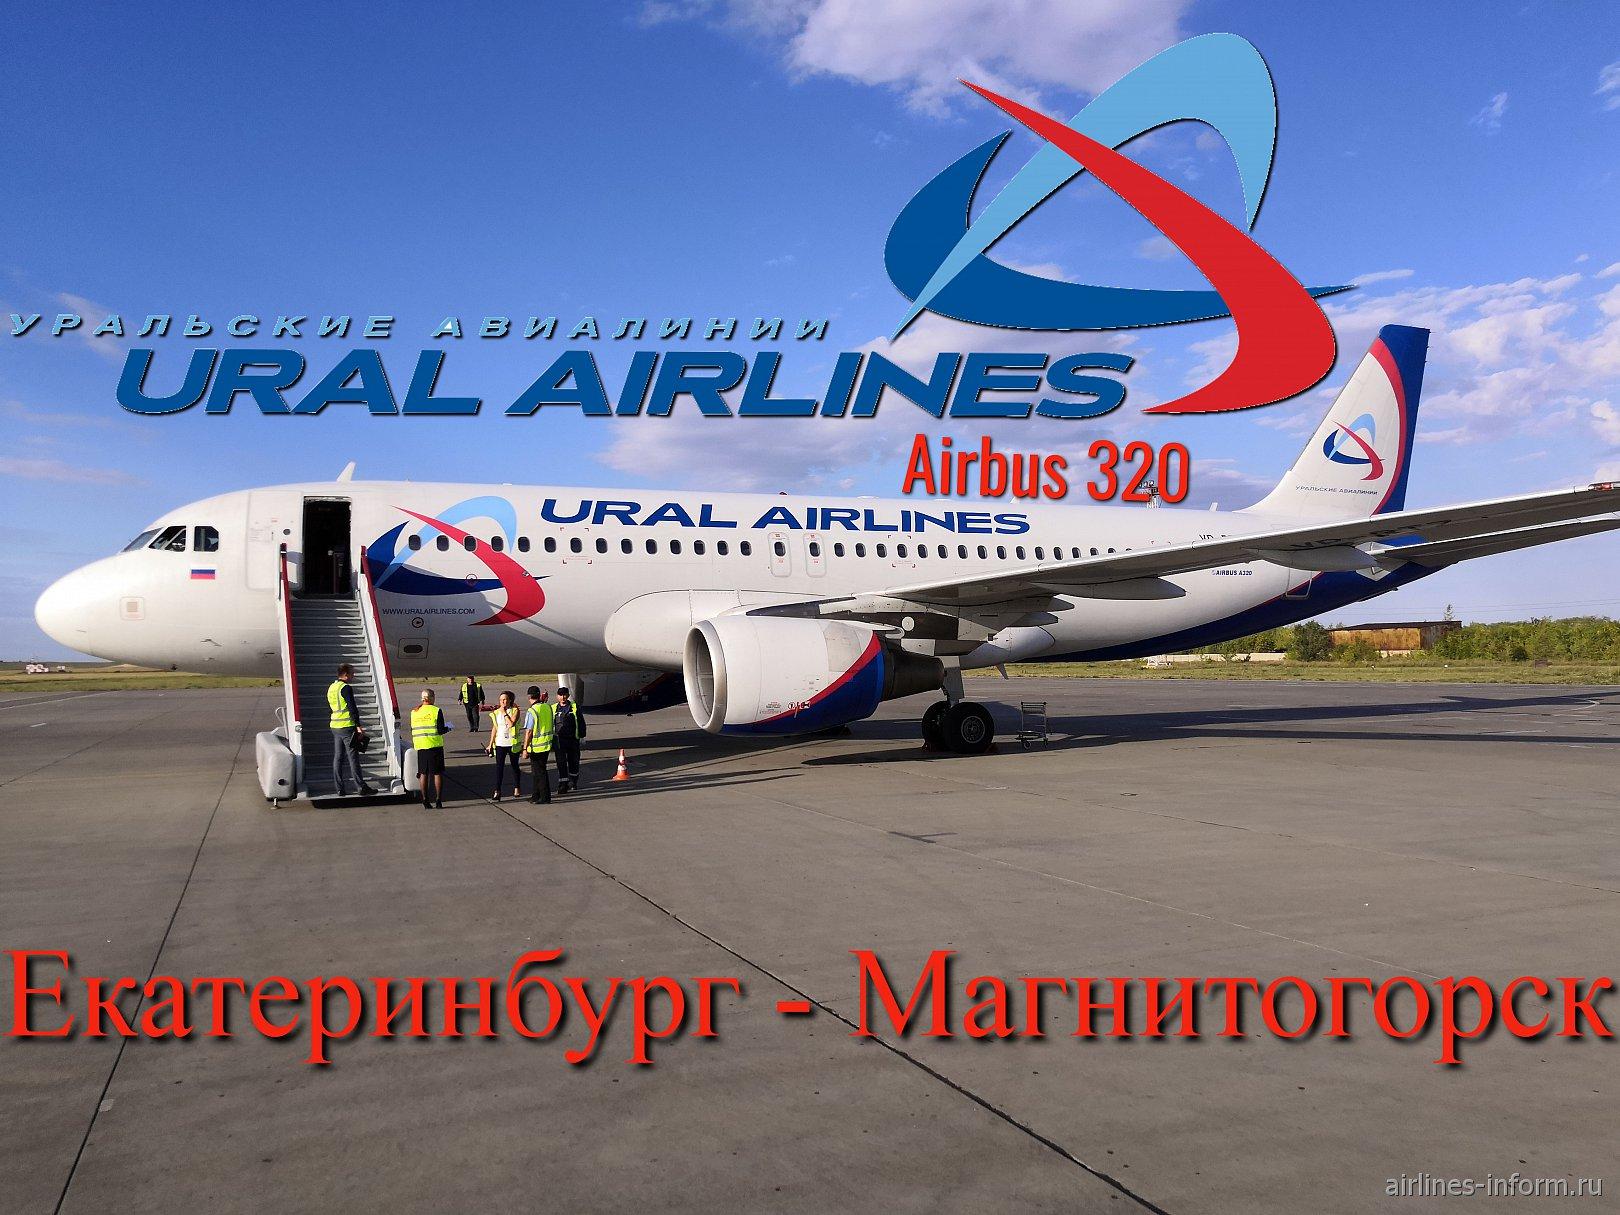 Уральские авиалинии: Екатеринбург - Магнитогорск